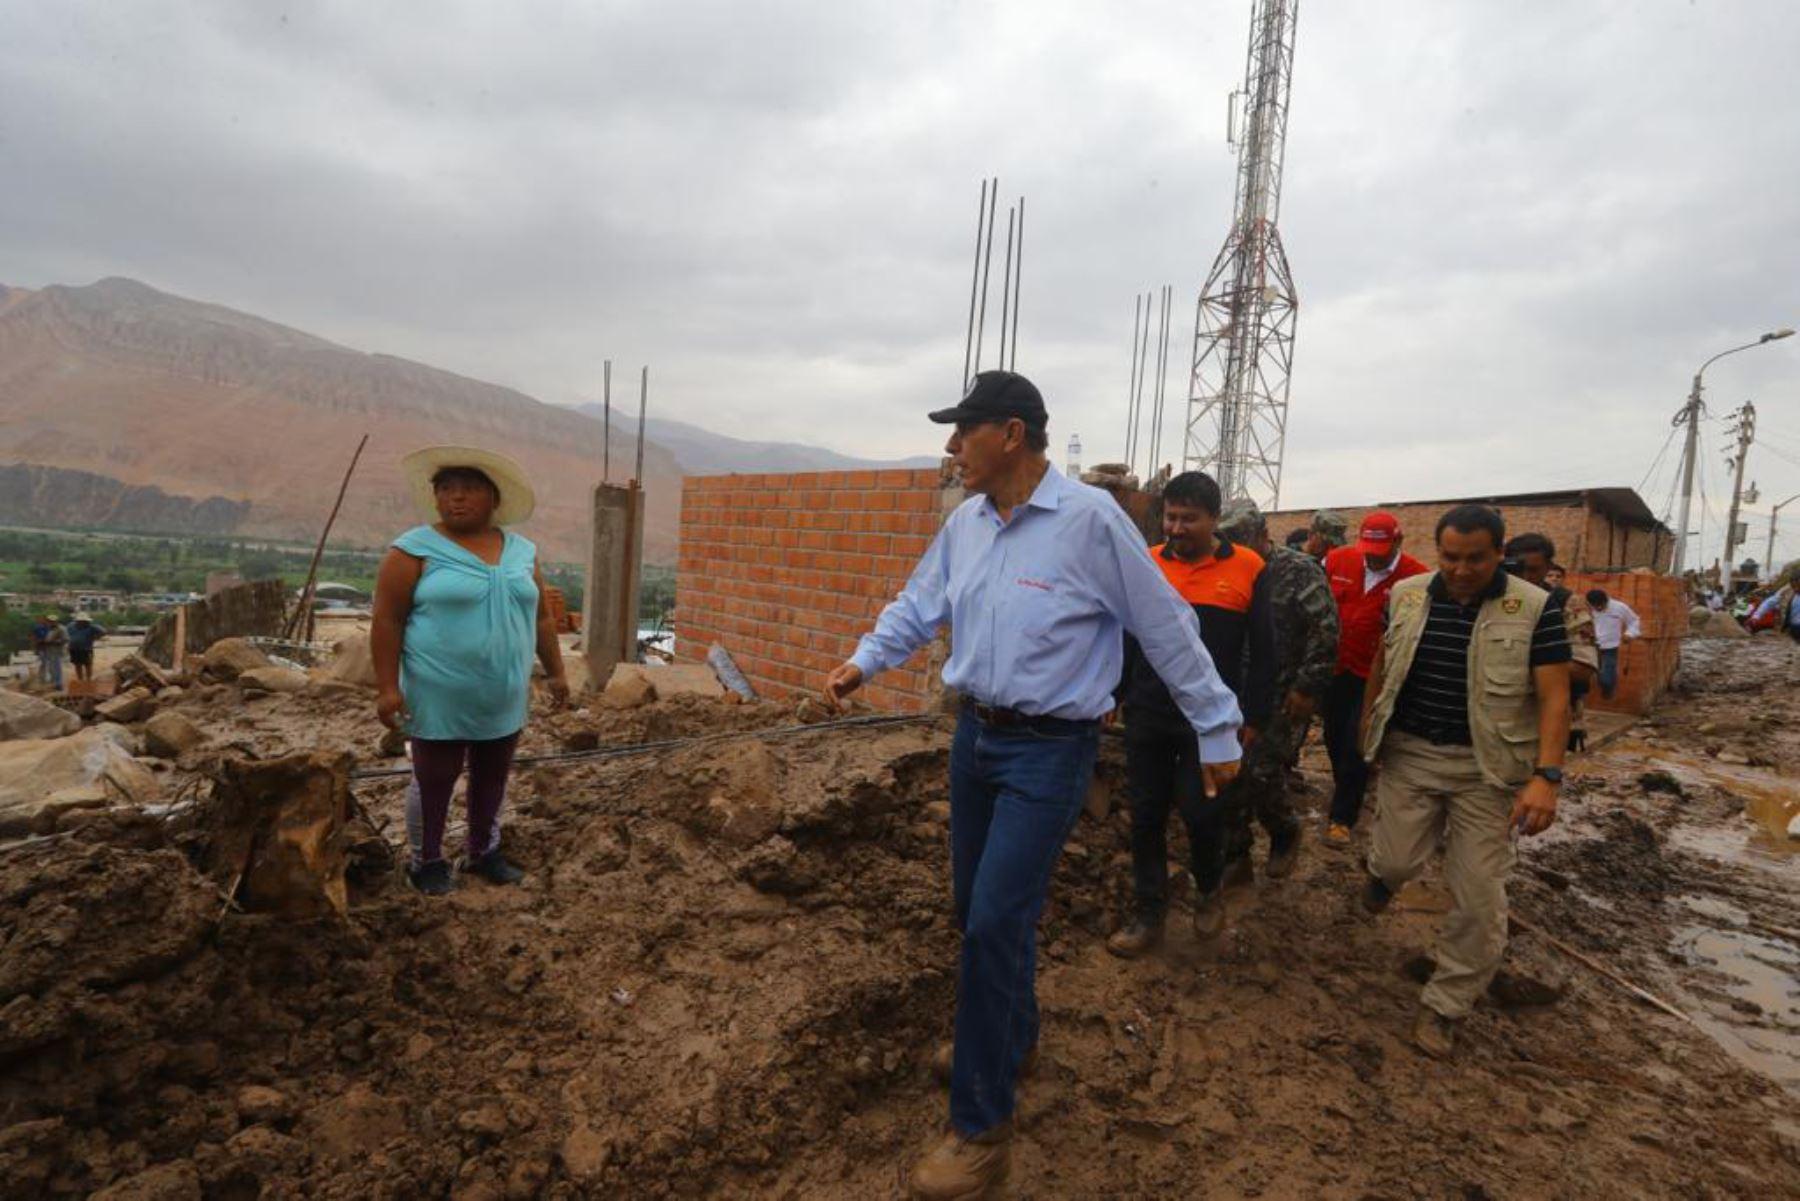 El presidente de la República, Martín Vizcarra, visita    zonas afectadas  por las lluvias y la caída de huaicos. Y declara zona  de emergencia  en Aplao ,Arequipa y otras zonas del sur.Foto:ANDINA/Prensa Presidencia